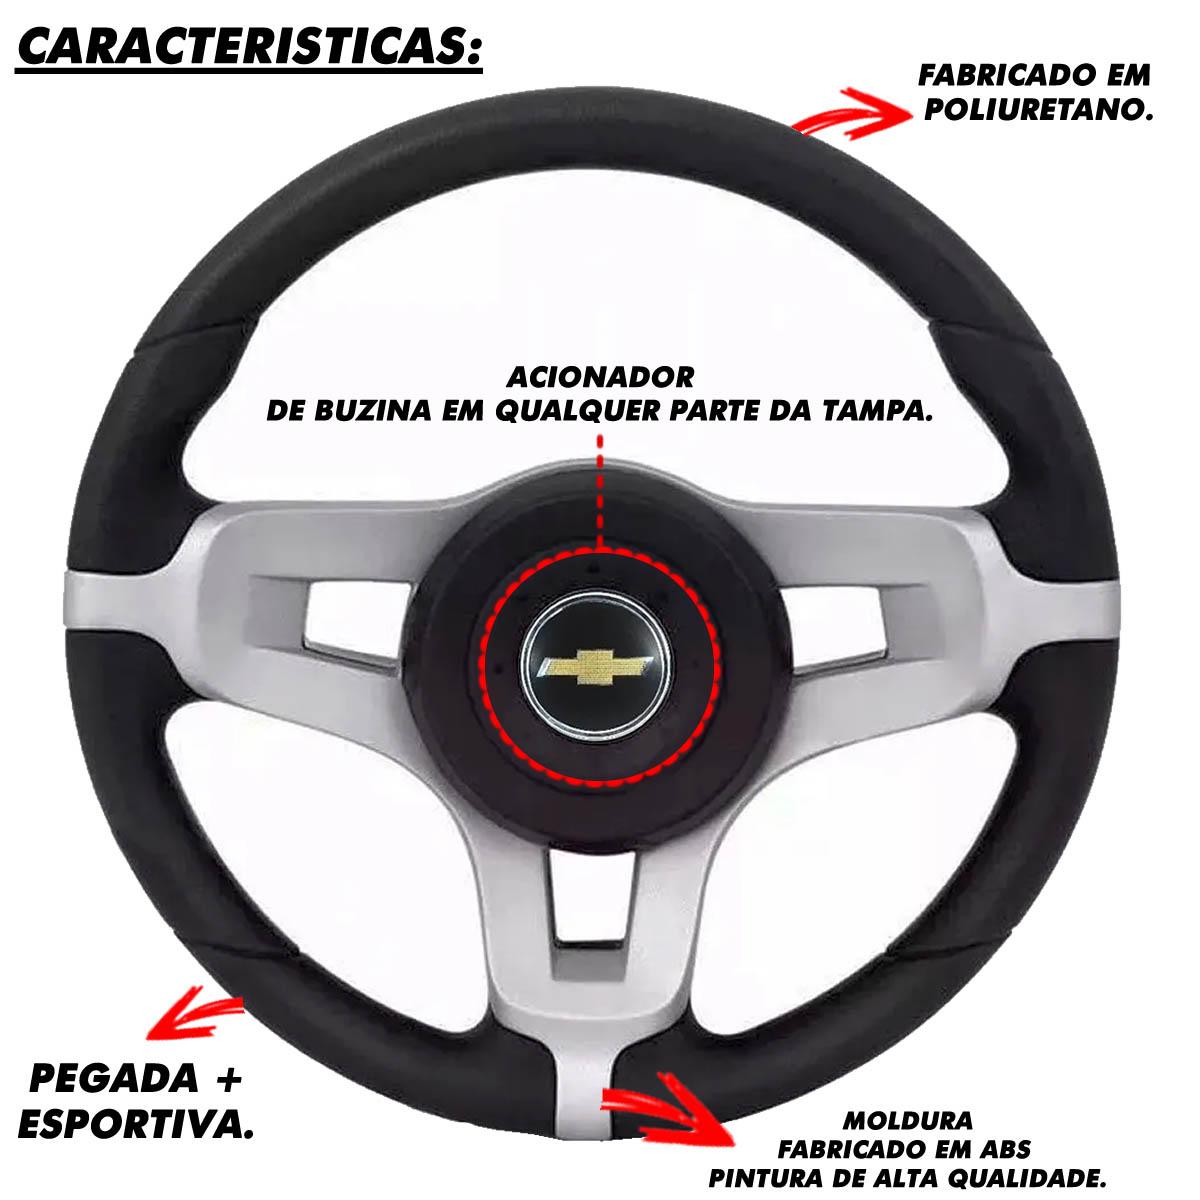 Volante Chevrolet do Mustang Esportivo Cubo Vectra Astra 1993 a 2011 Meriva Zafira 2000 a 2012 Poliparts